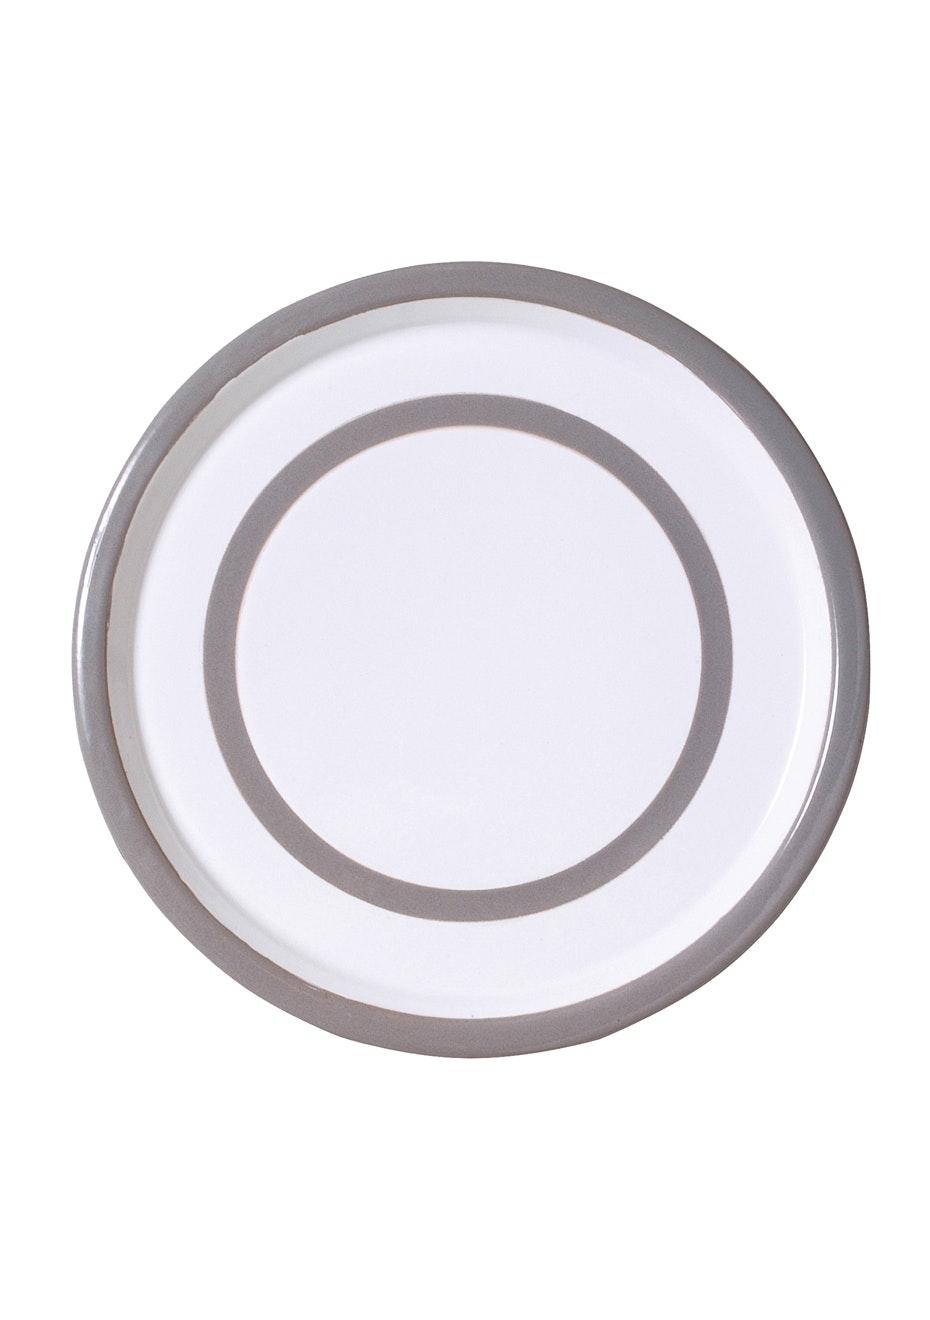 Città - Variopinte Enamel Dinner Plate Pearl Grey 26.5cmdia